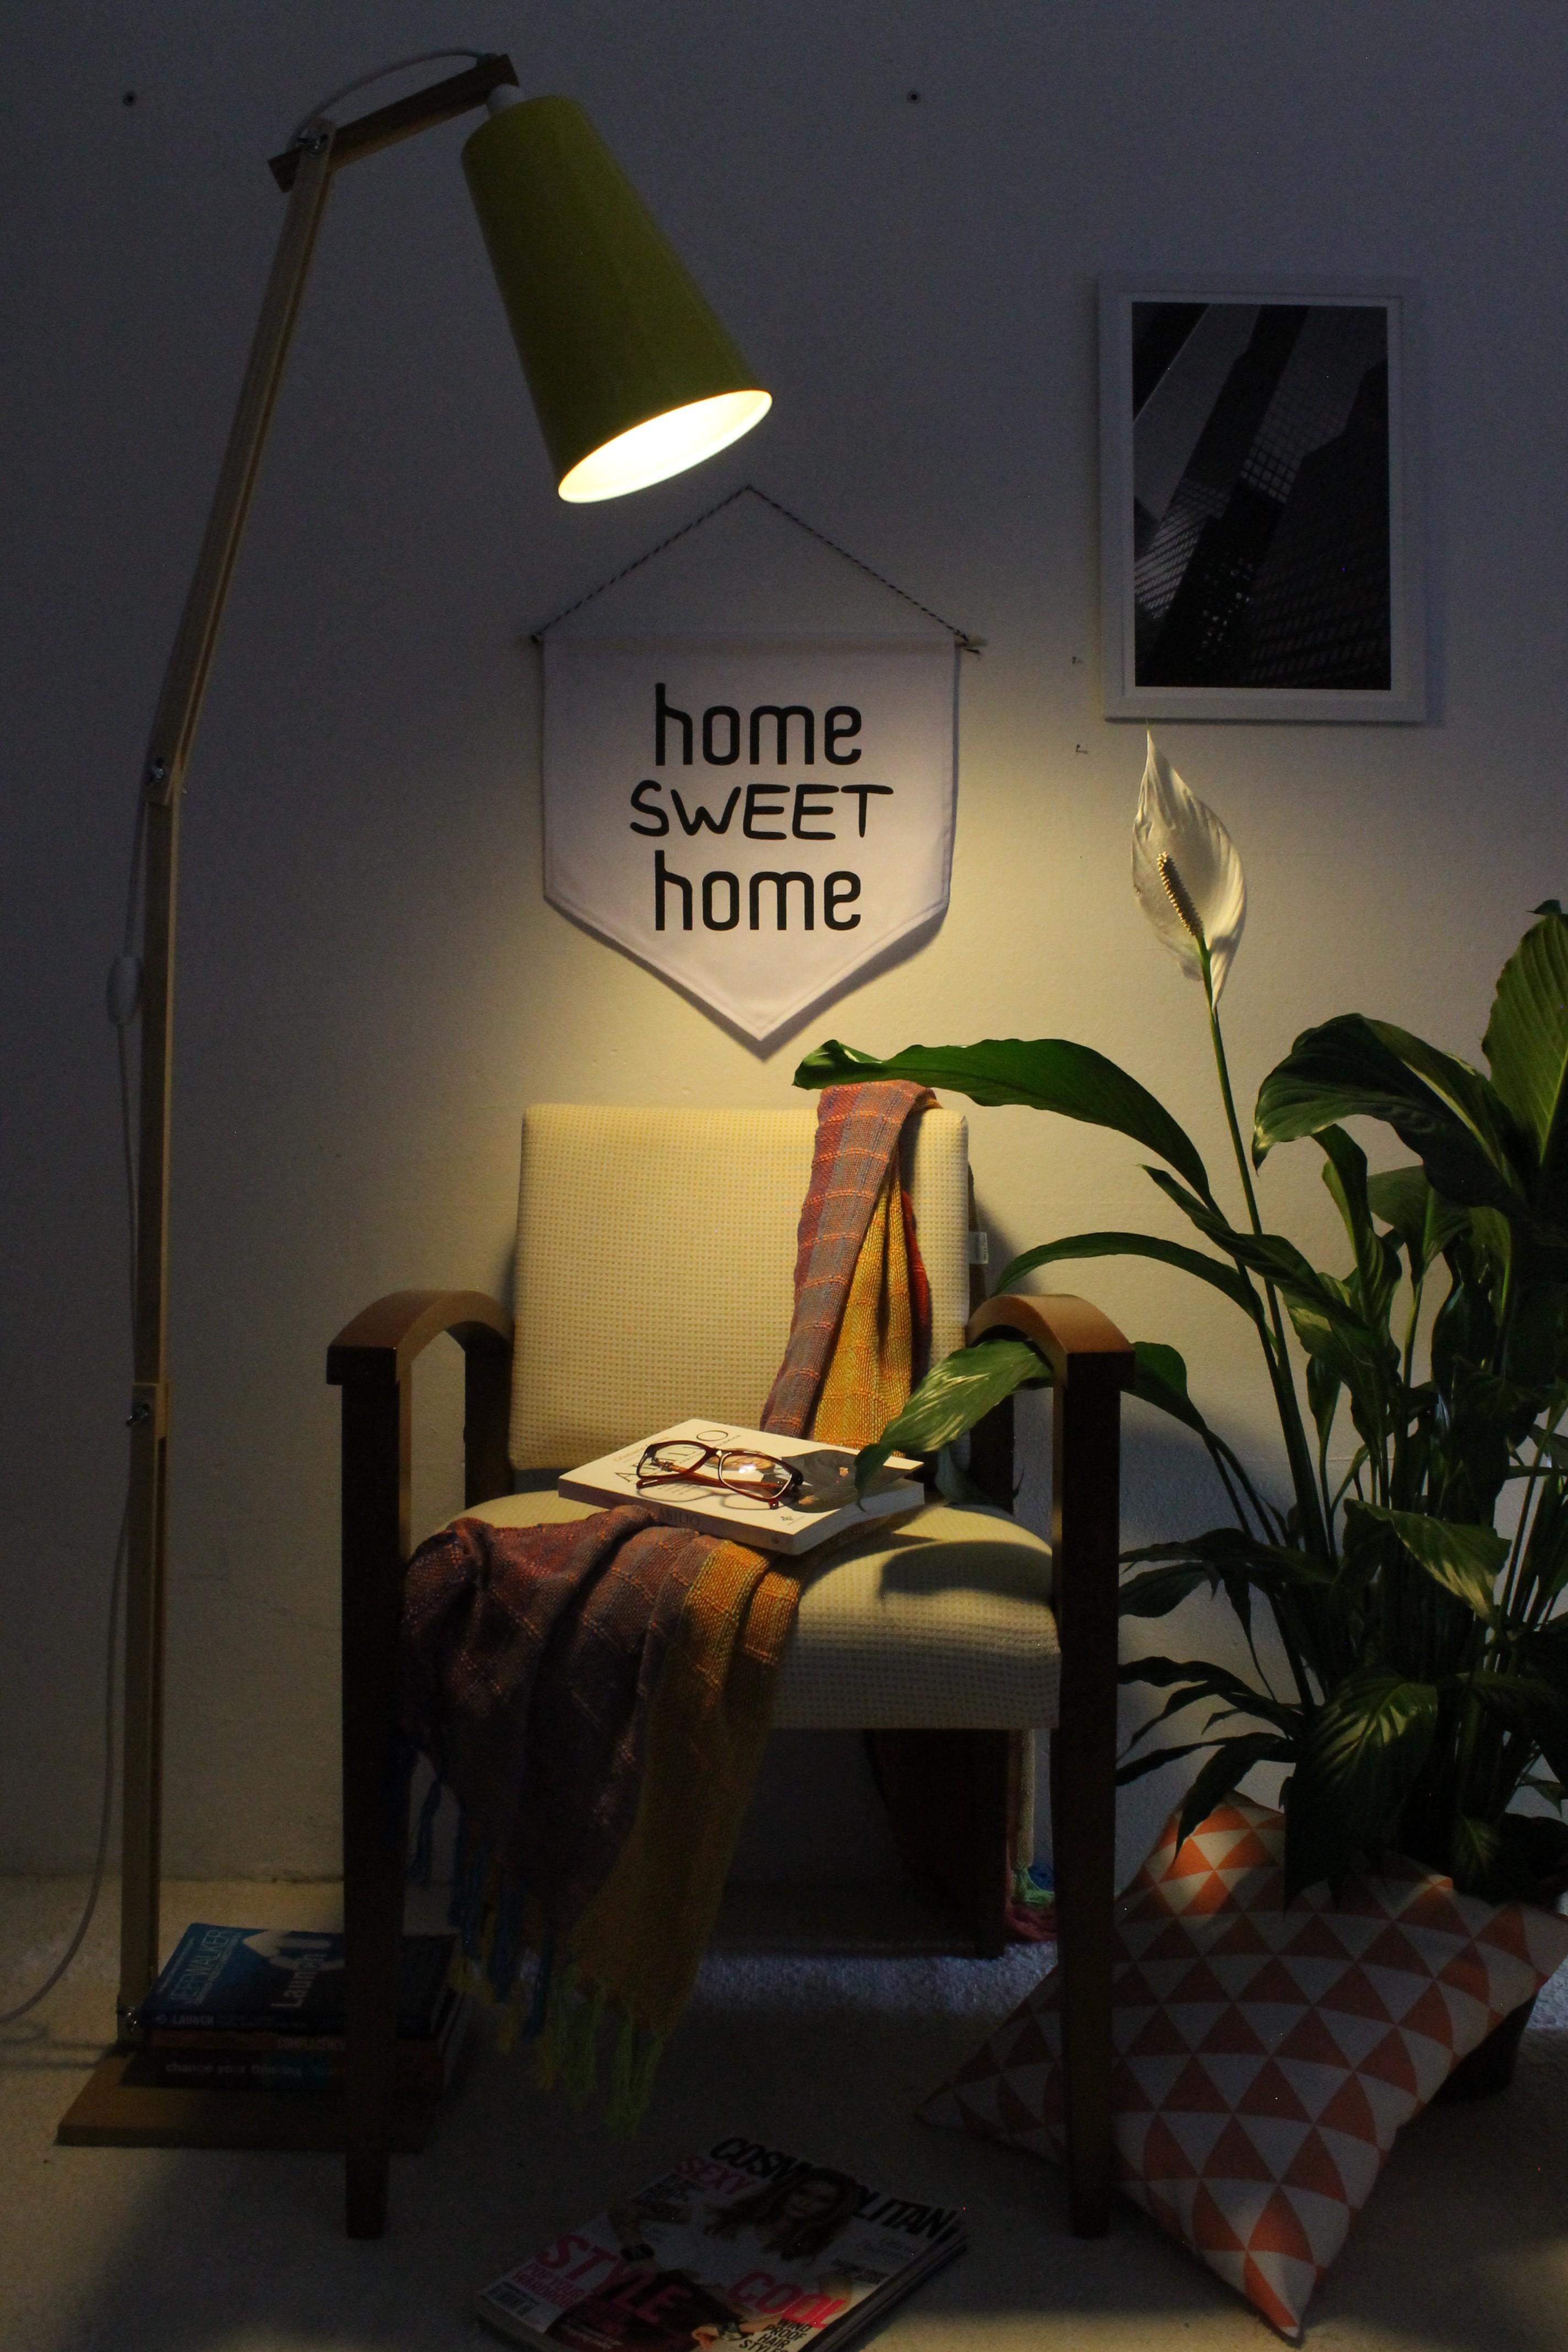 Luminária de Piso: minimalismo no design